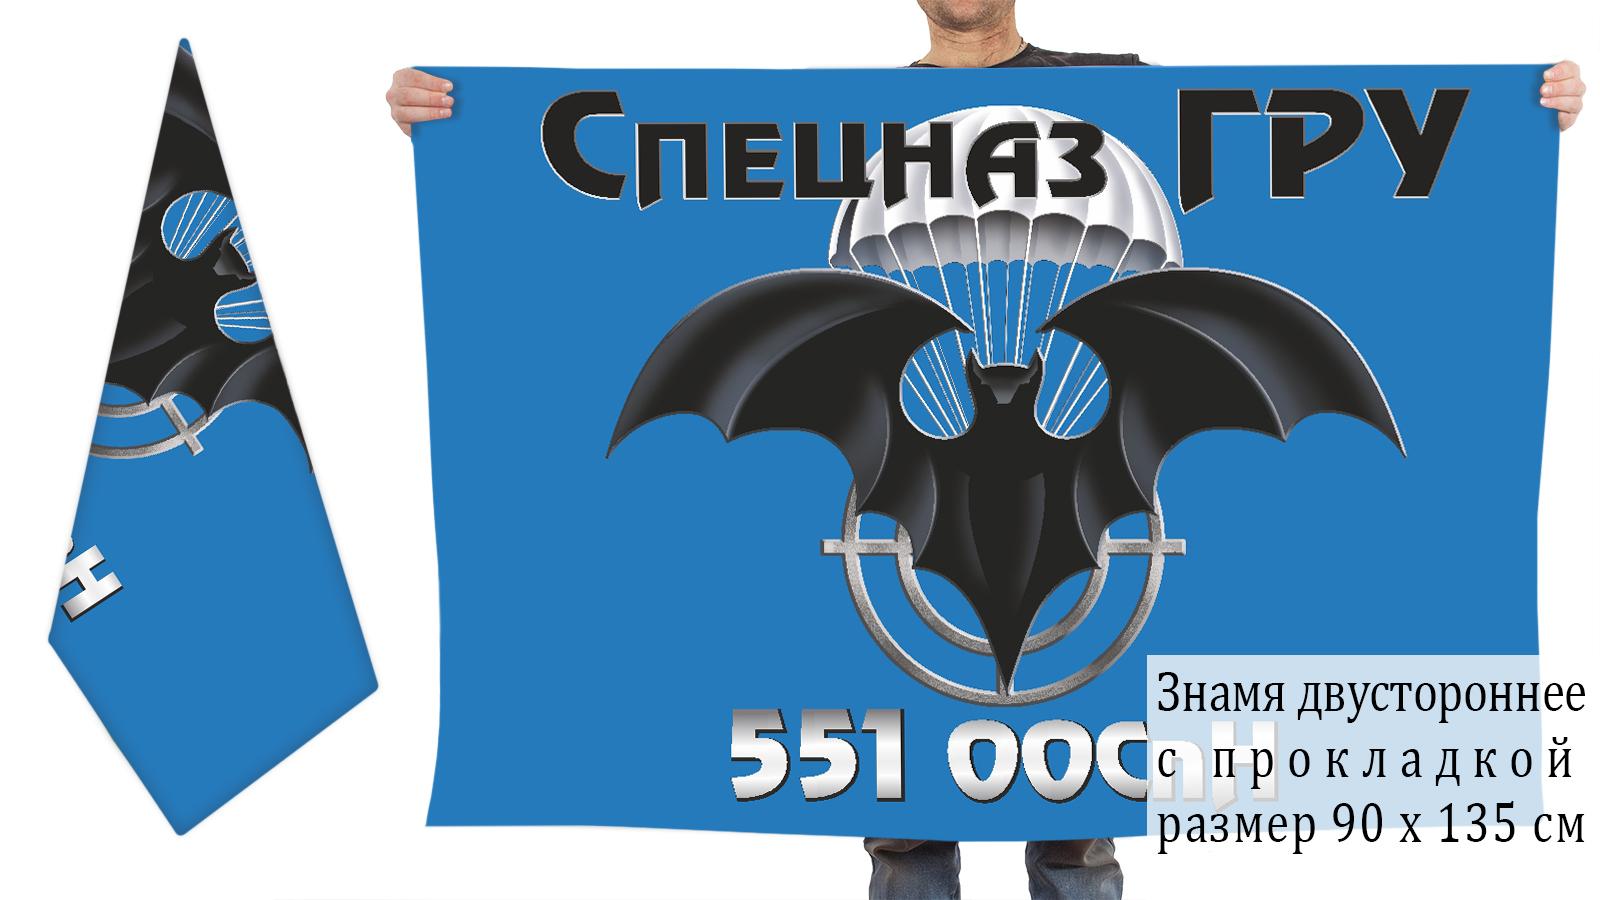 Двусторонний флаг 551 ООСпН спецназа ГРУ